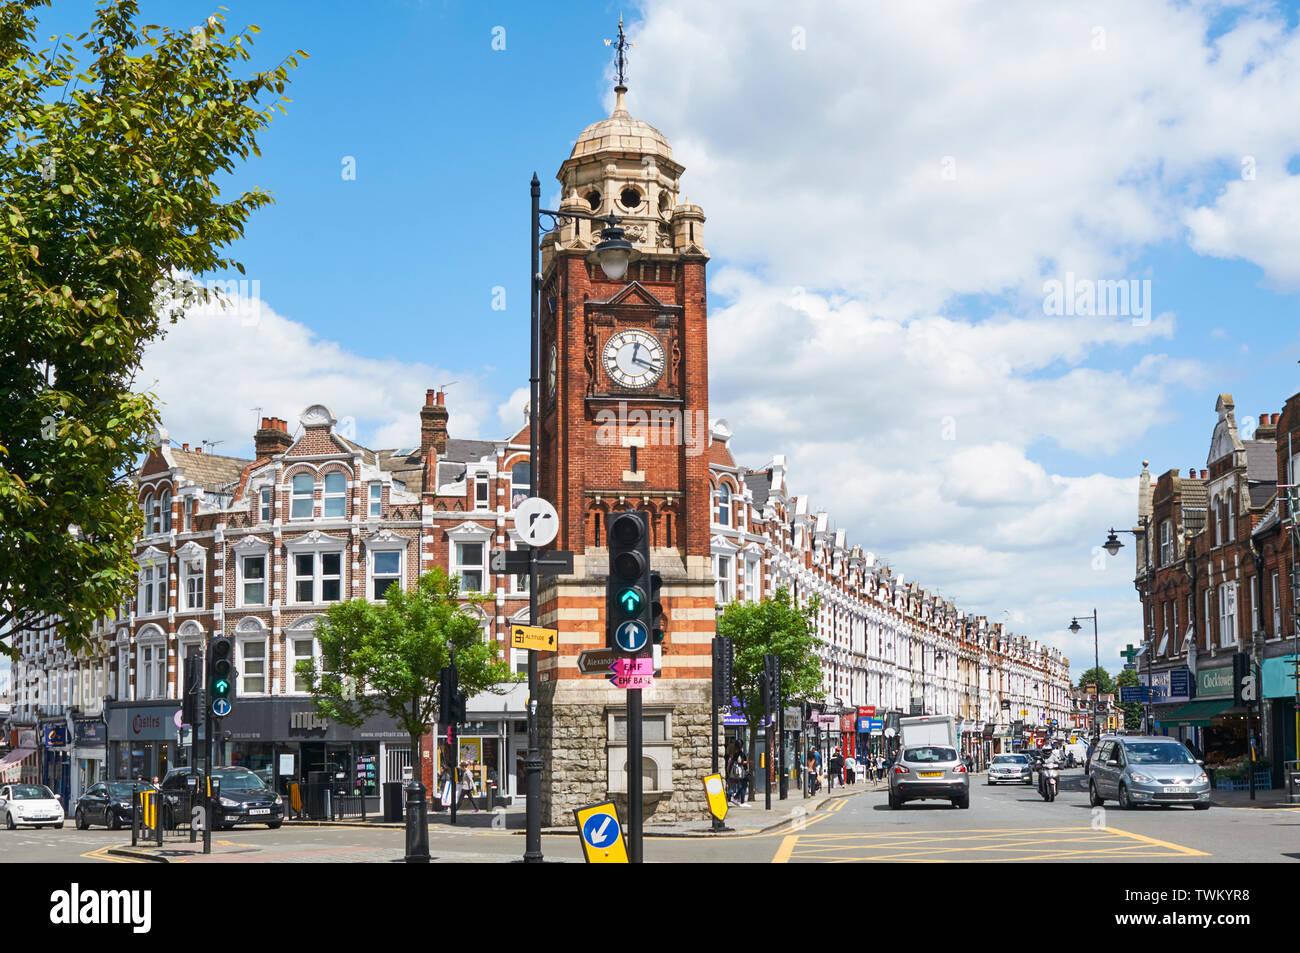 Crouch End Broadway, al norte de Londres, en el cruce de Park Road y Tottenham Lane, con la torre del reloj de finales del siglo XIX. Imagen De Stock